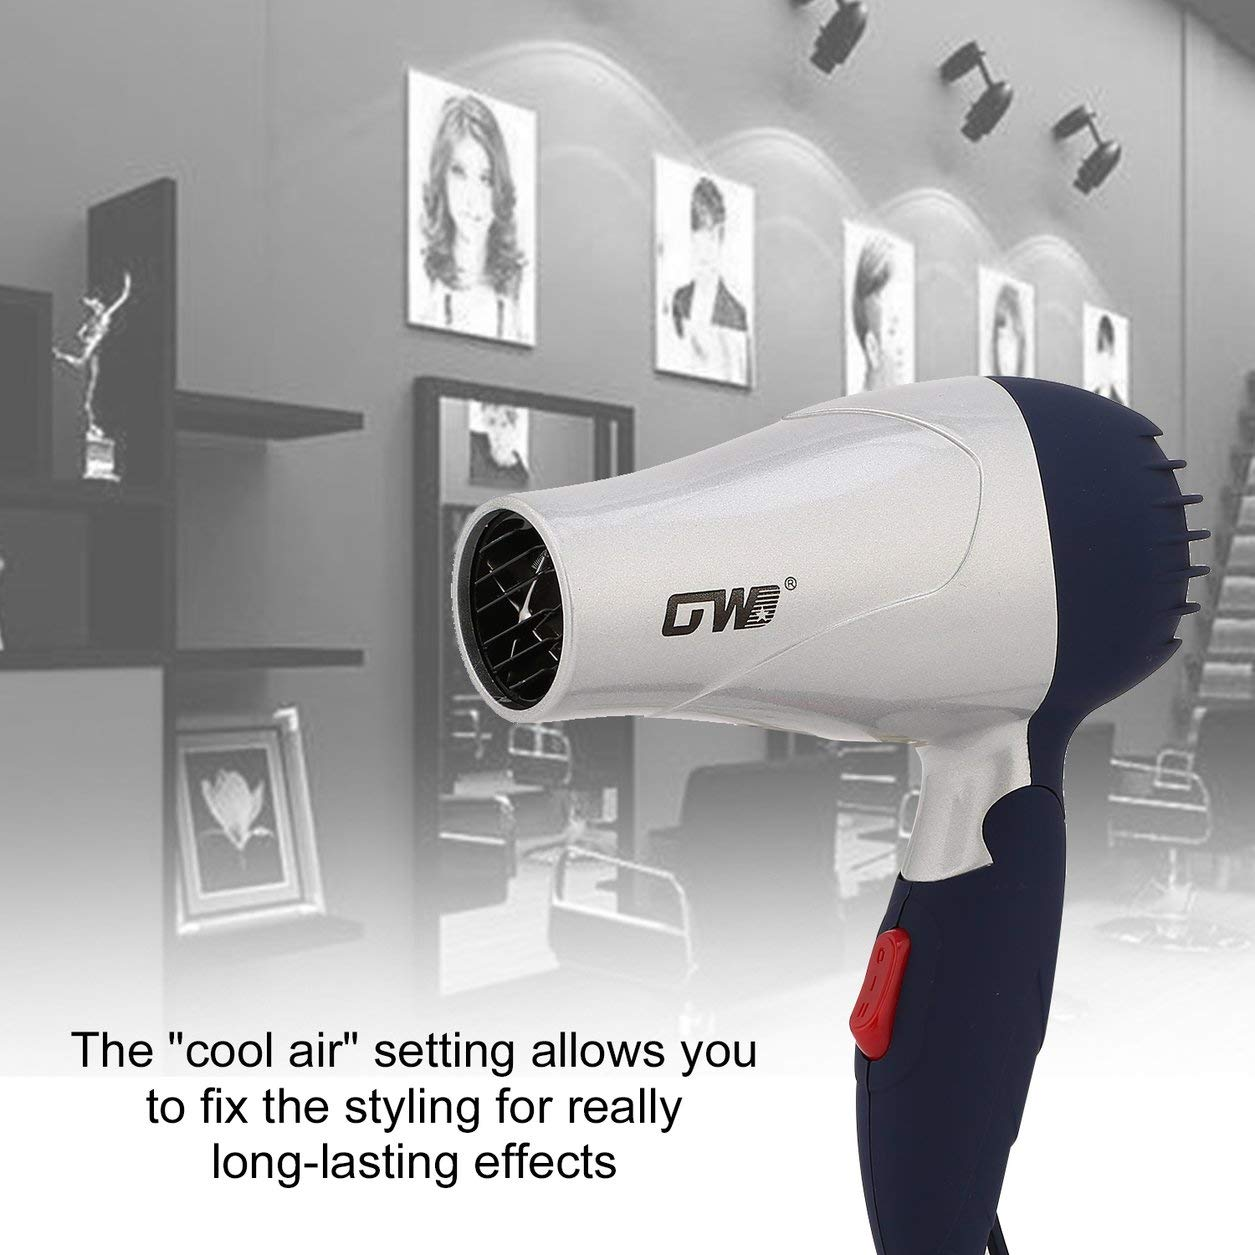 Ventilateur à faible bruit 220V EU de vent chaud de sèche-cheveux de la poignée pliable portative de la poignée 1500W Dailyinshop